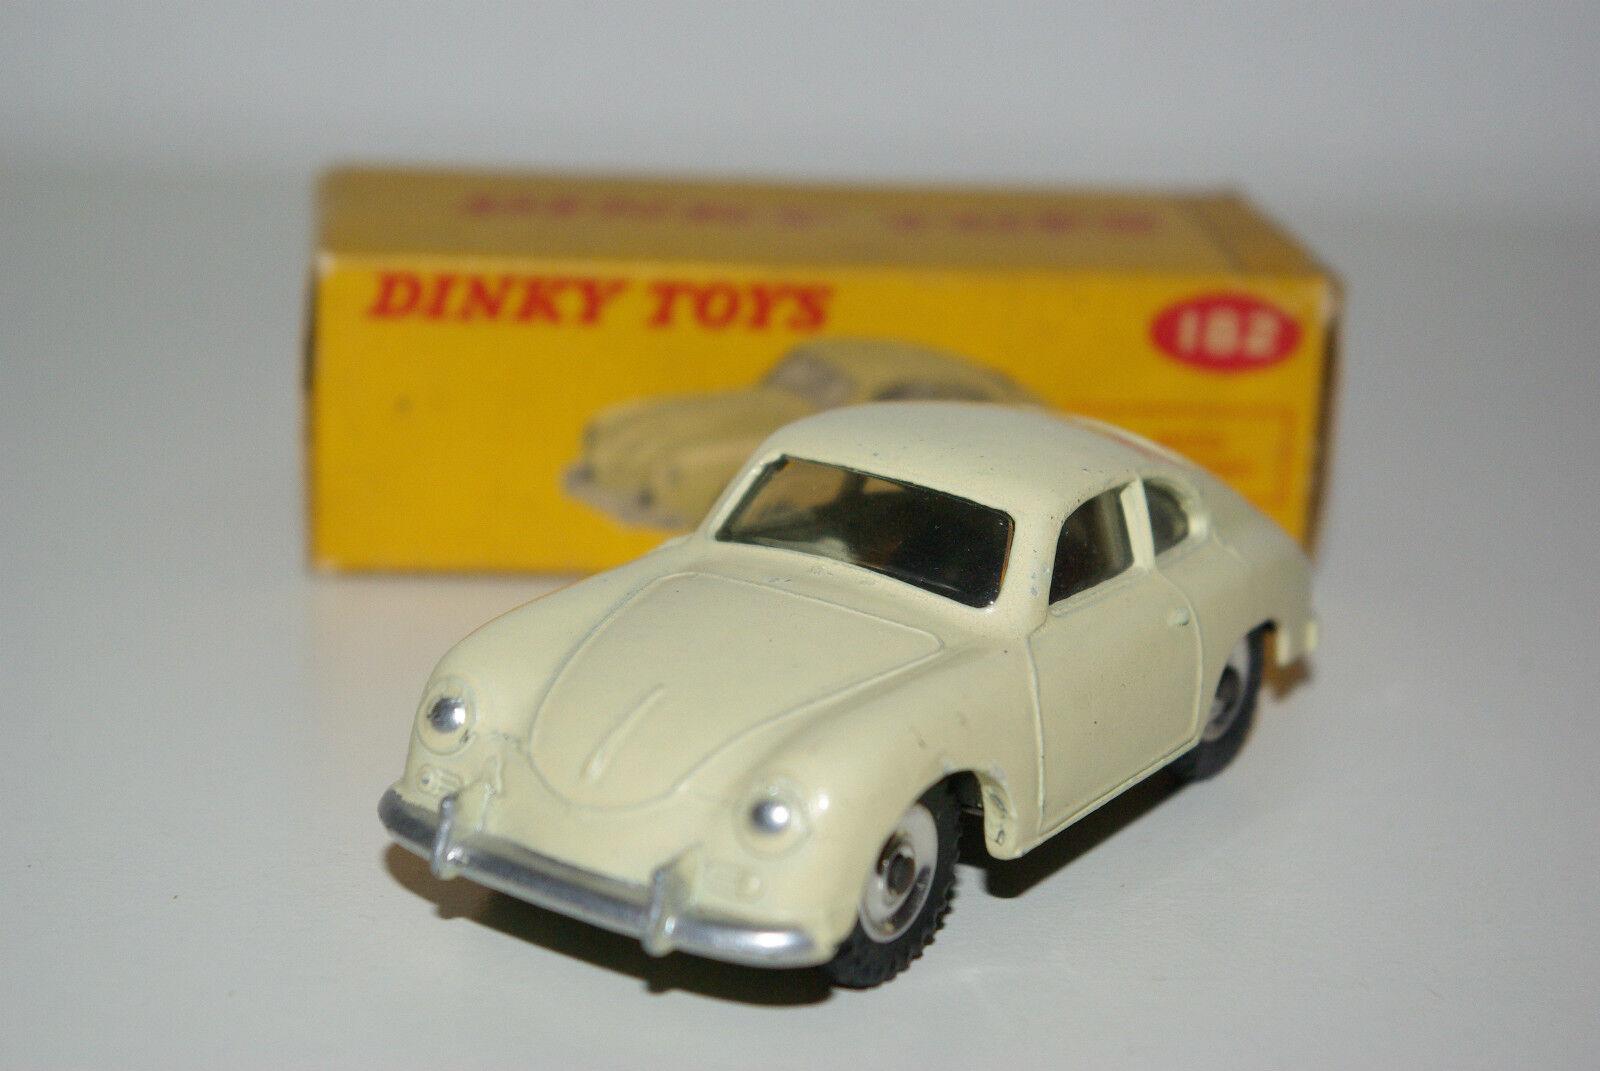 P DINKY SpielzeugS 182 PORSCHE 356 A COUPE CREAM SPUN NEAR MINT BOXED RARE SELTEN RARO